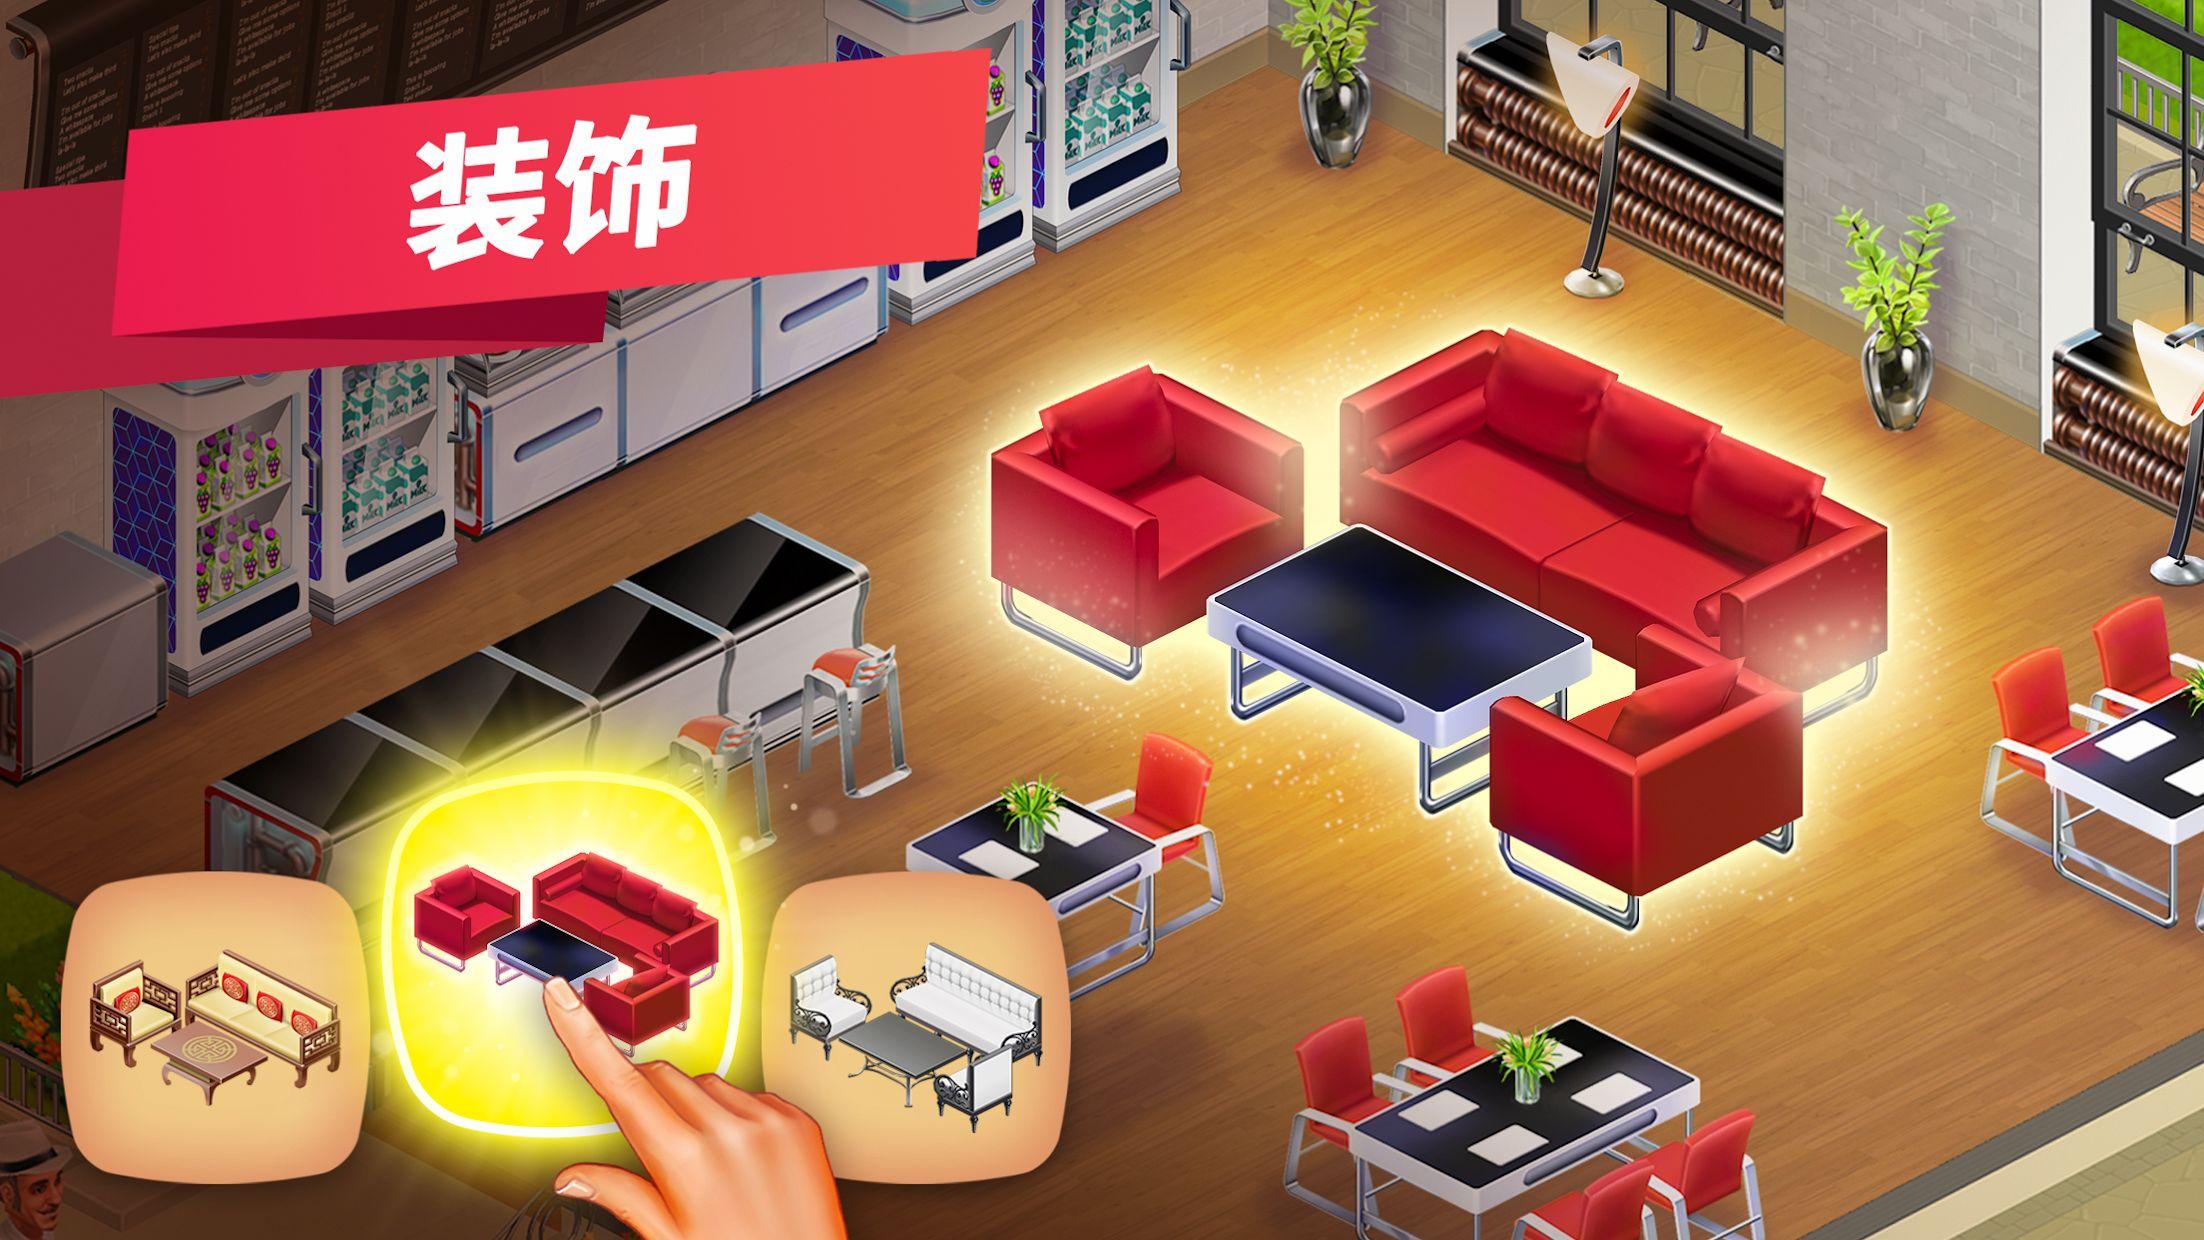 我的咖啡厅 - 世界餐厅游戏 游戏截图2